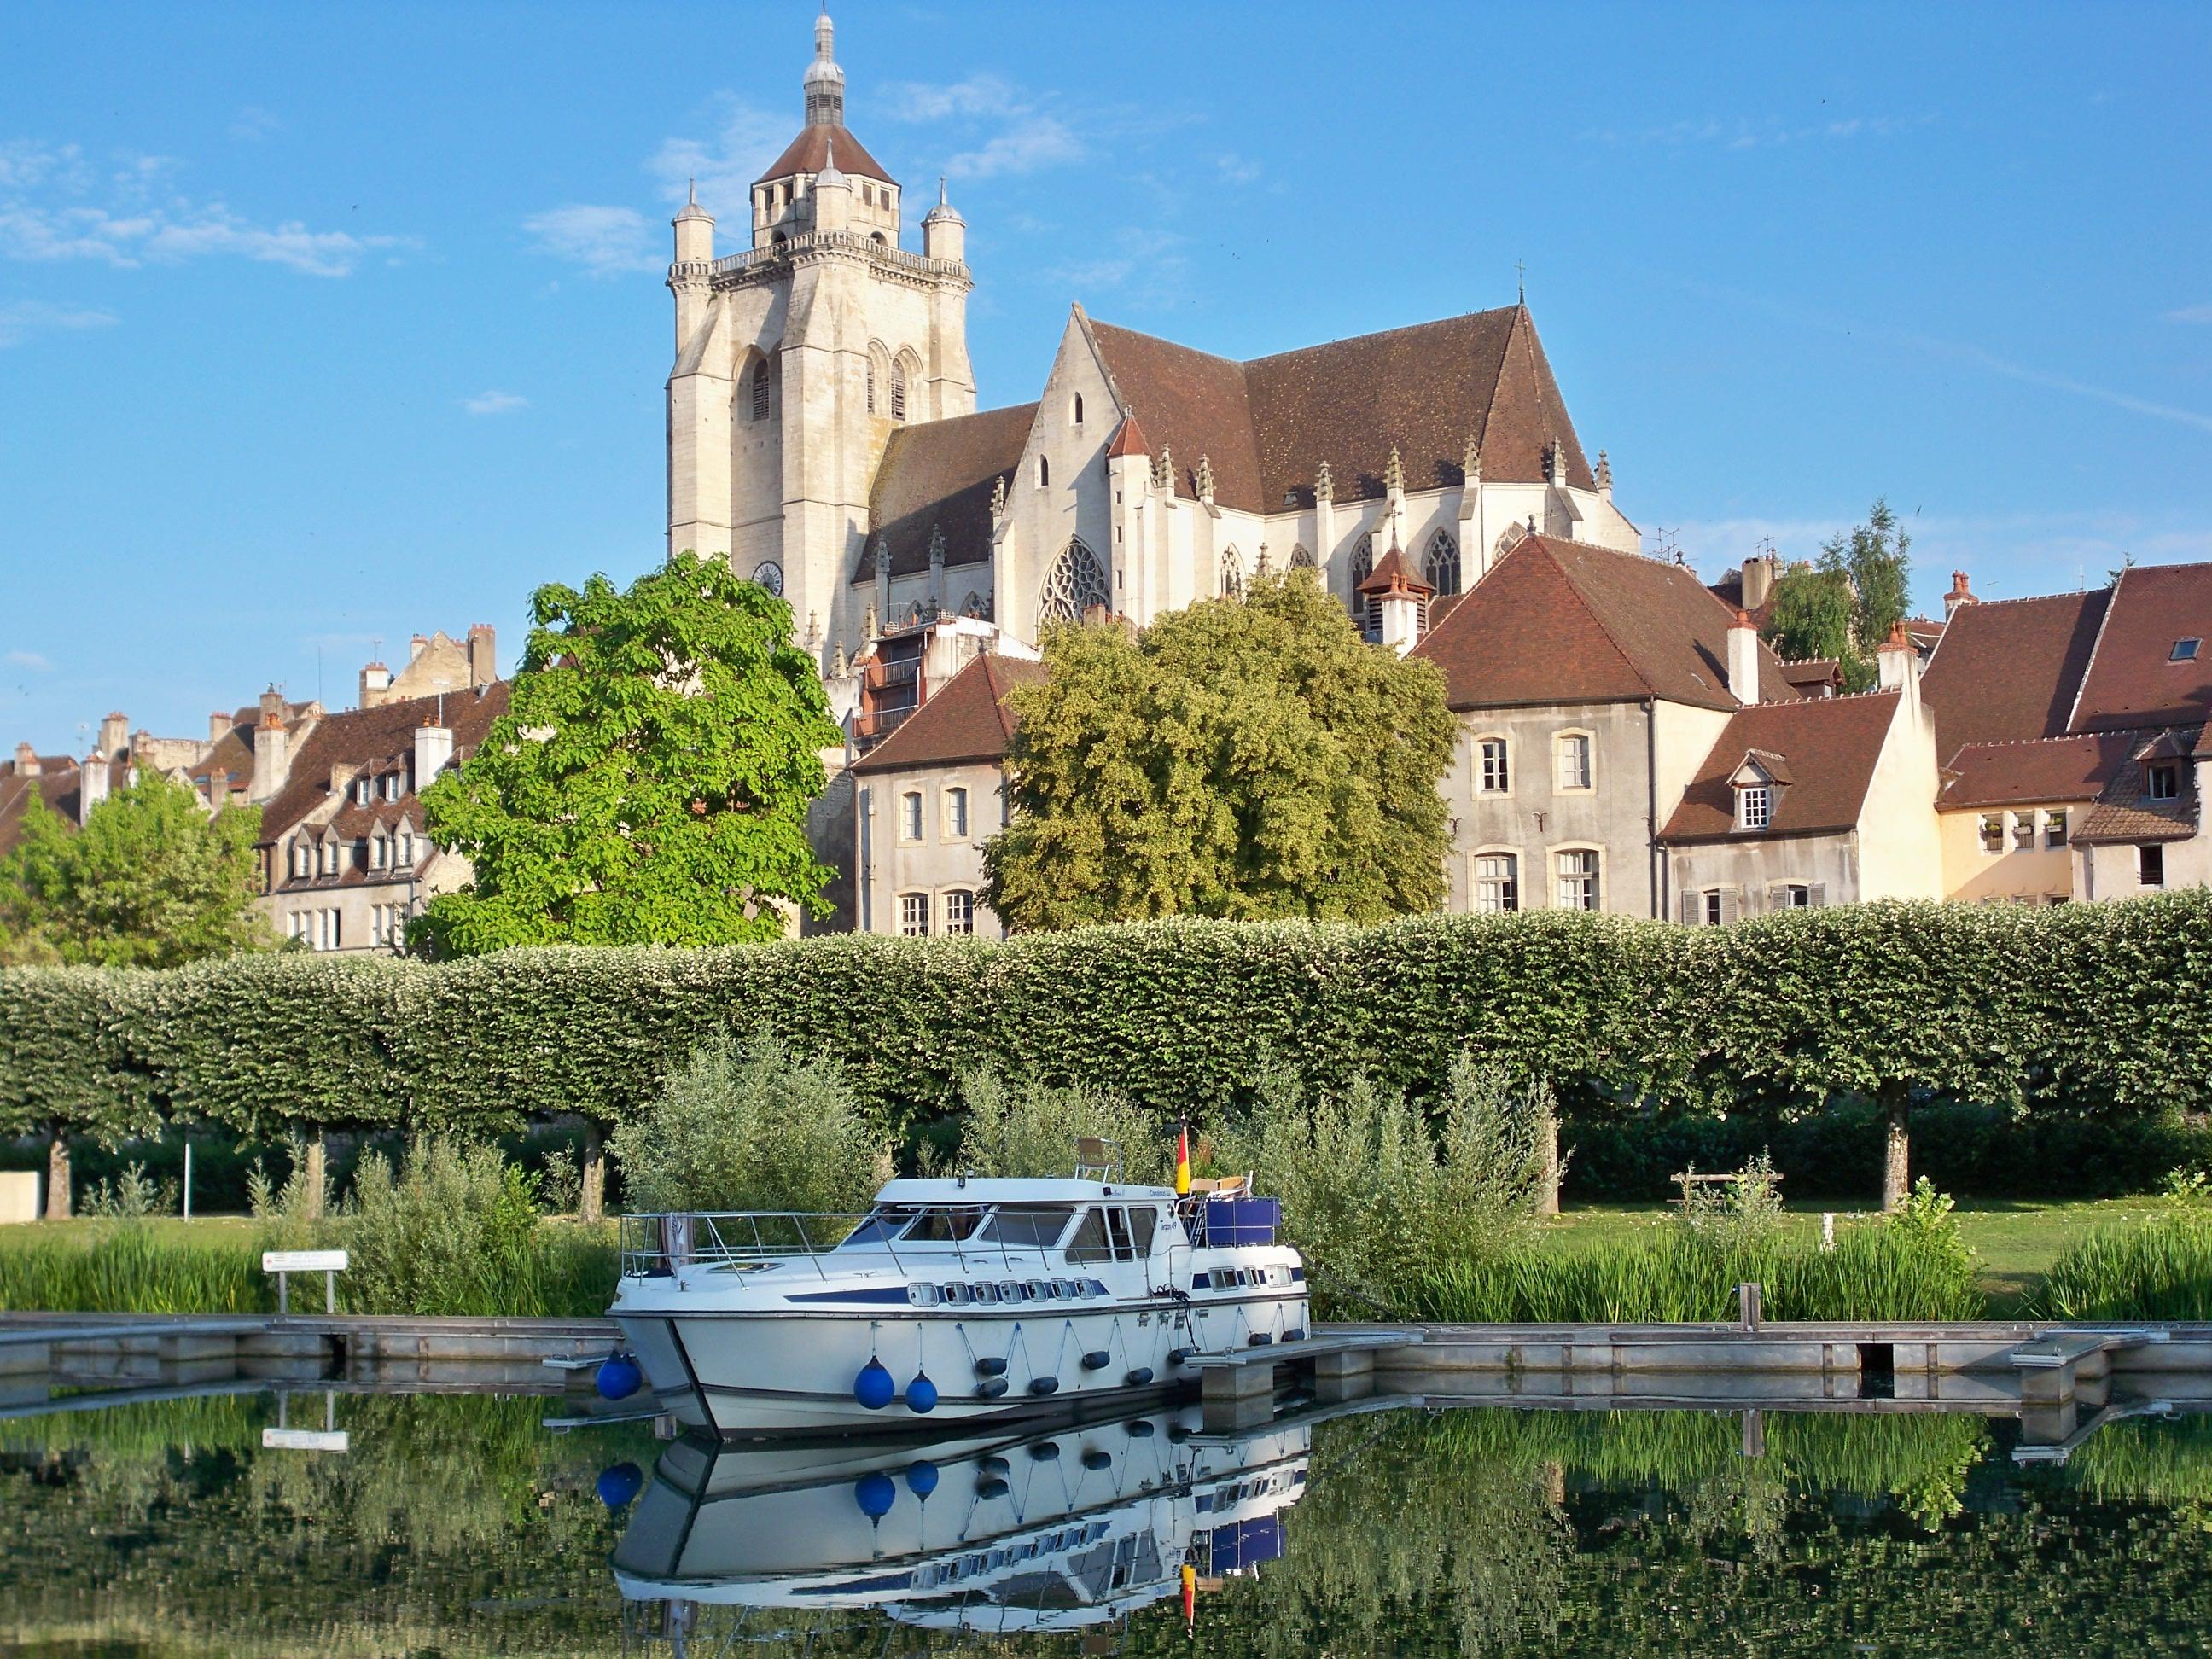 Tarpon en Bourgogne